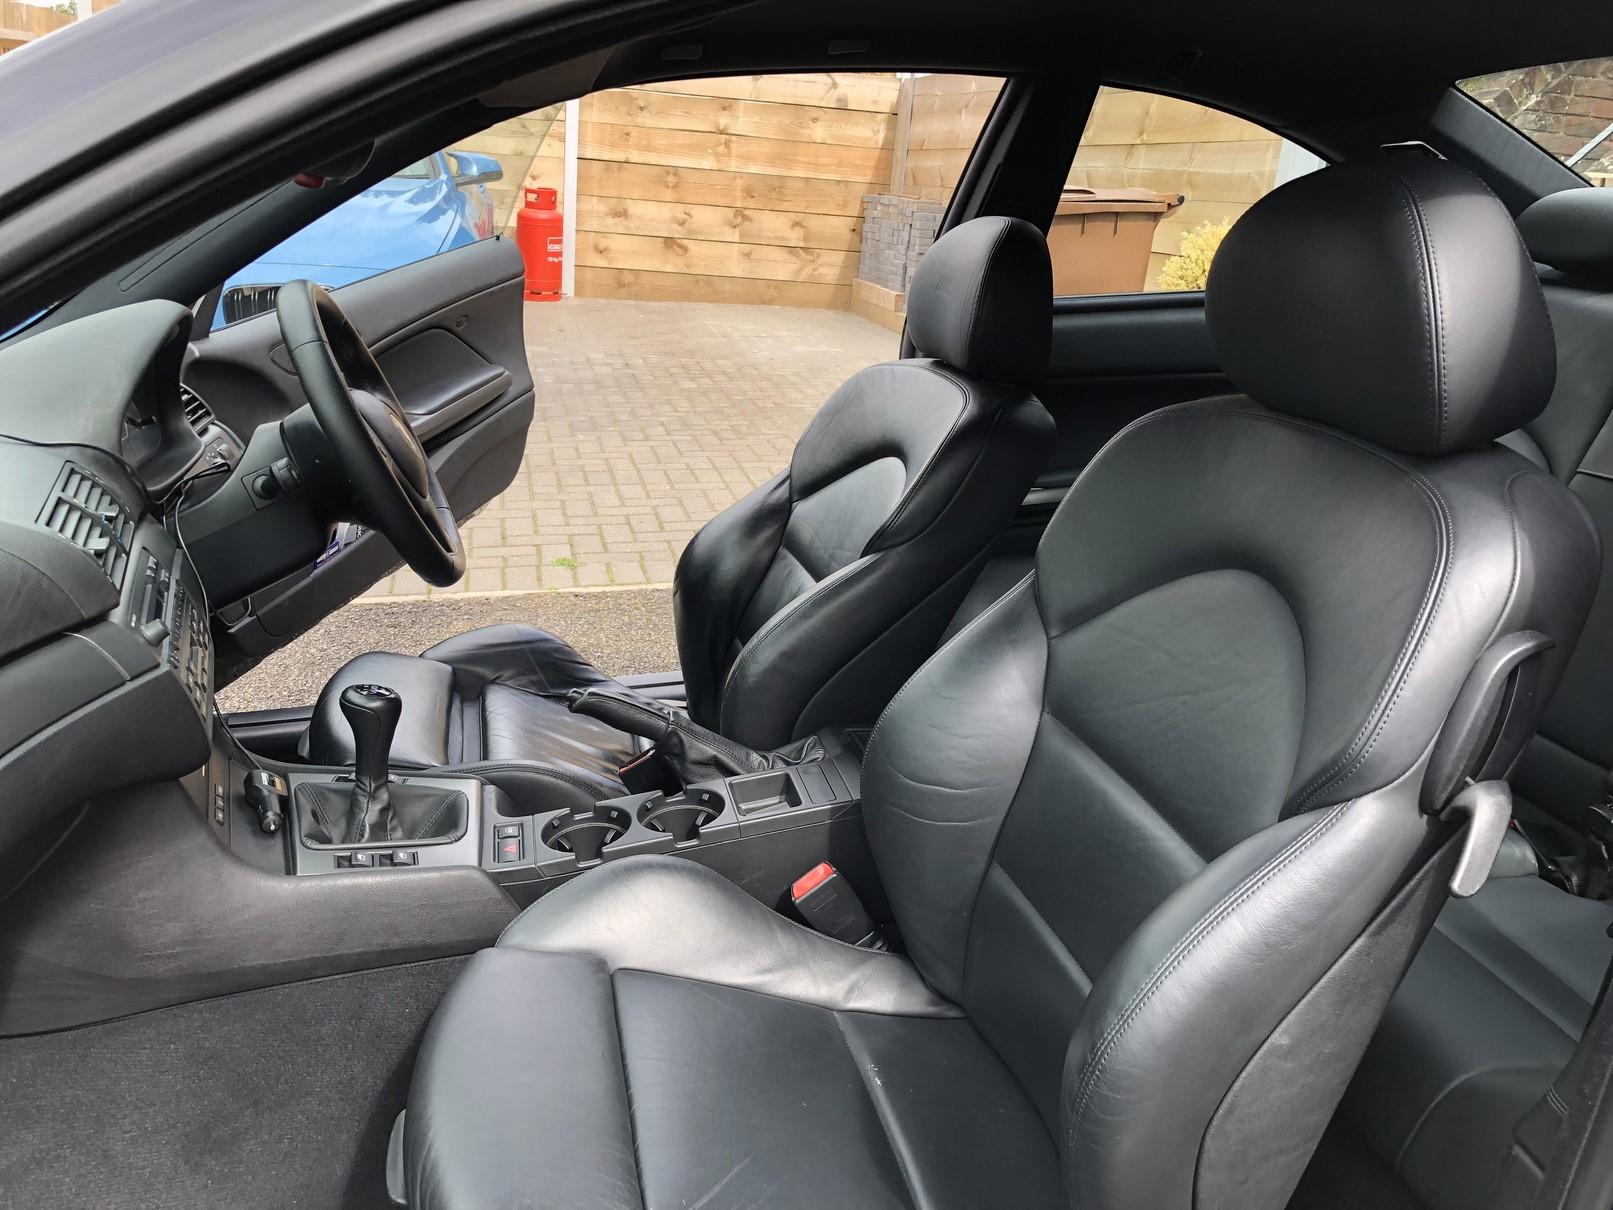 Bungle S Carbon Black Bmw E46 M3 Coupe Turbo Bungle